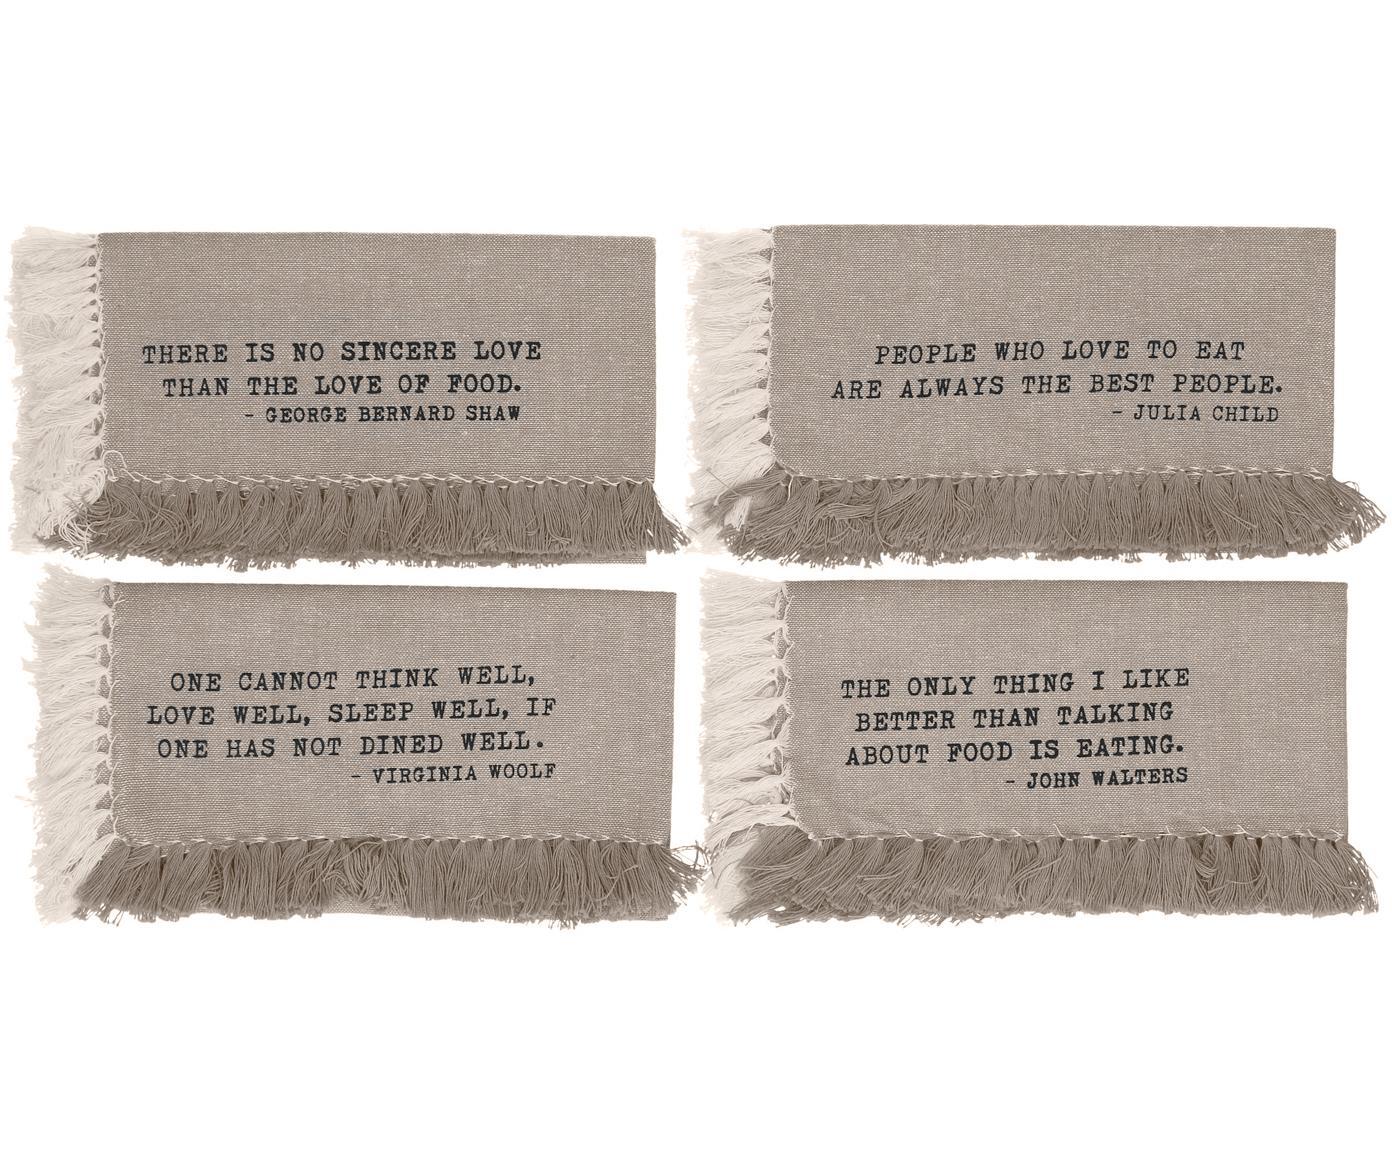 Tischsets Enjoy, 4er Set, Baumwolle, Sandfarben, 33 x 48 cm